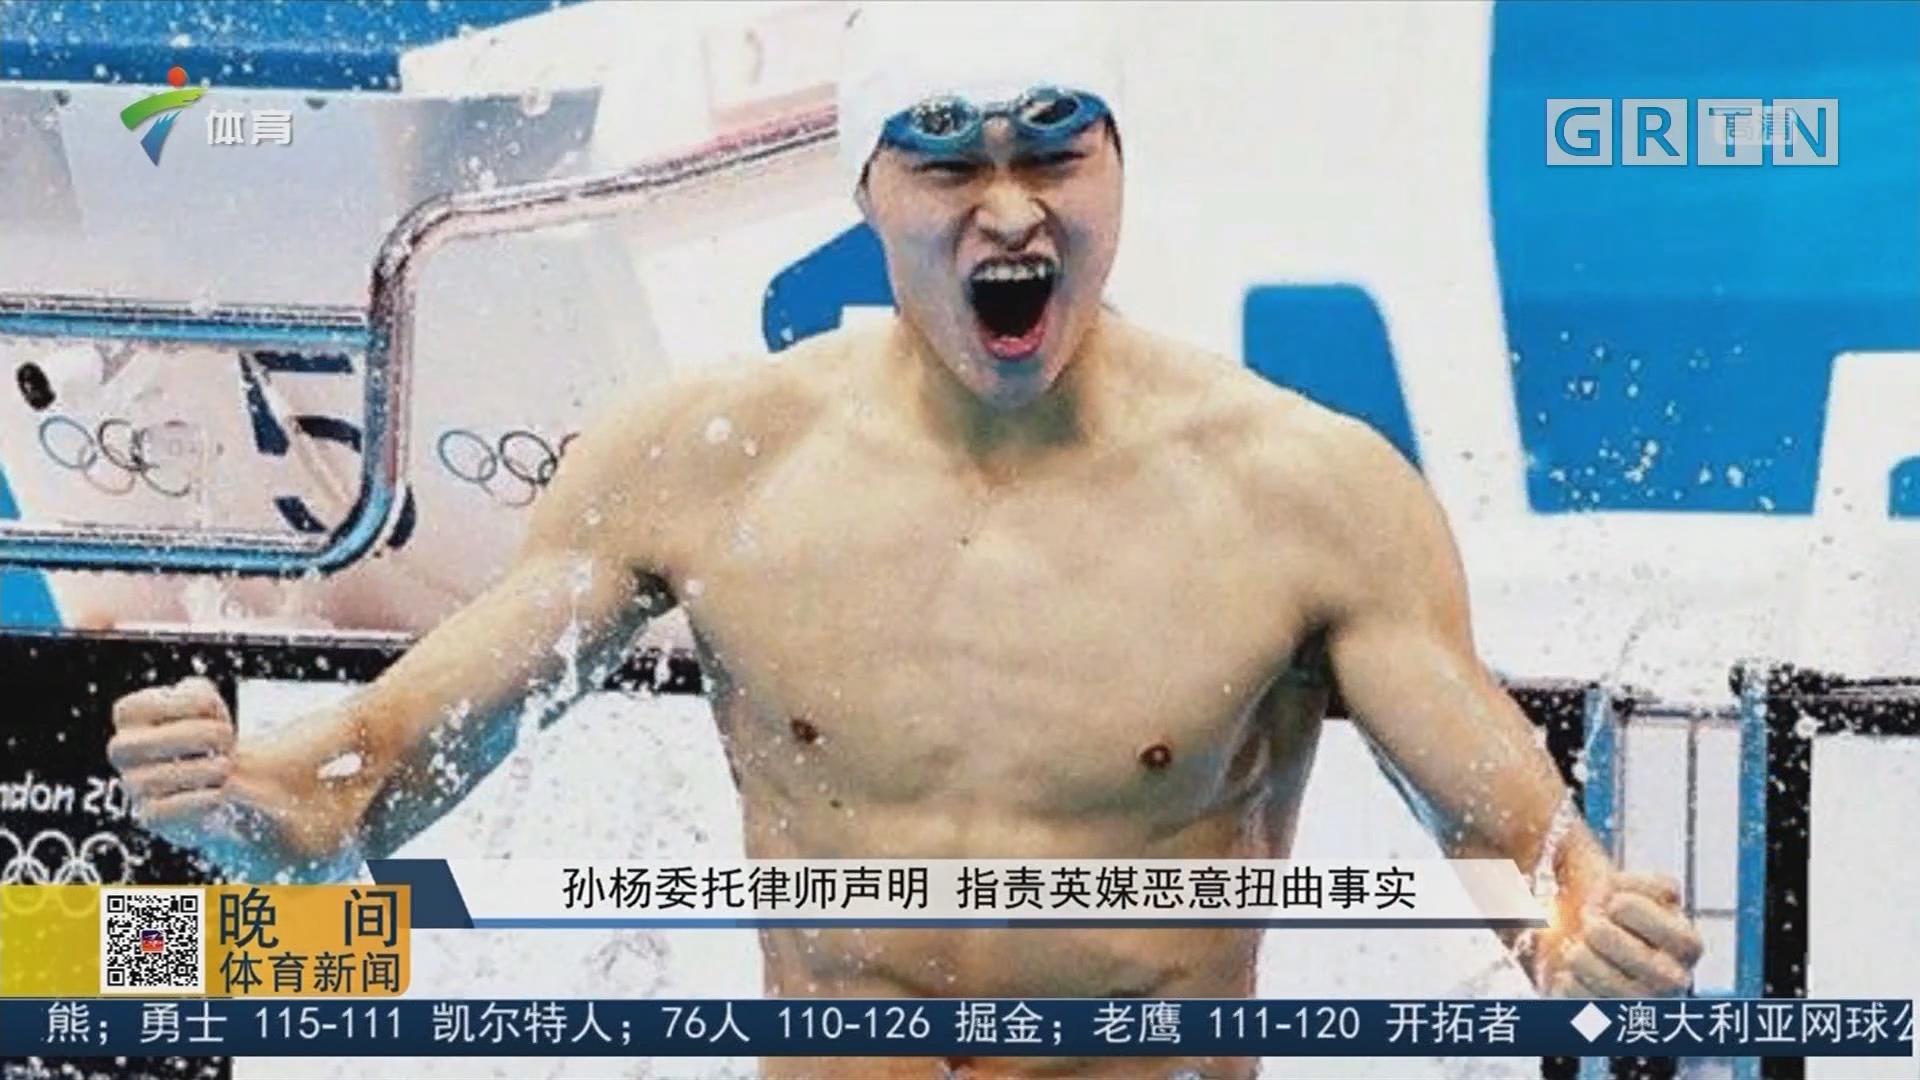 孙杨委托律师声明 指责英媒恶意扭曲事实